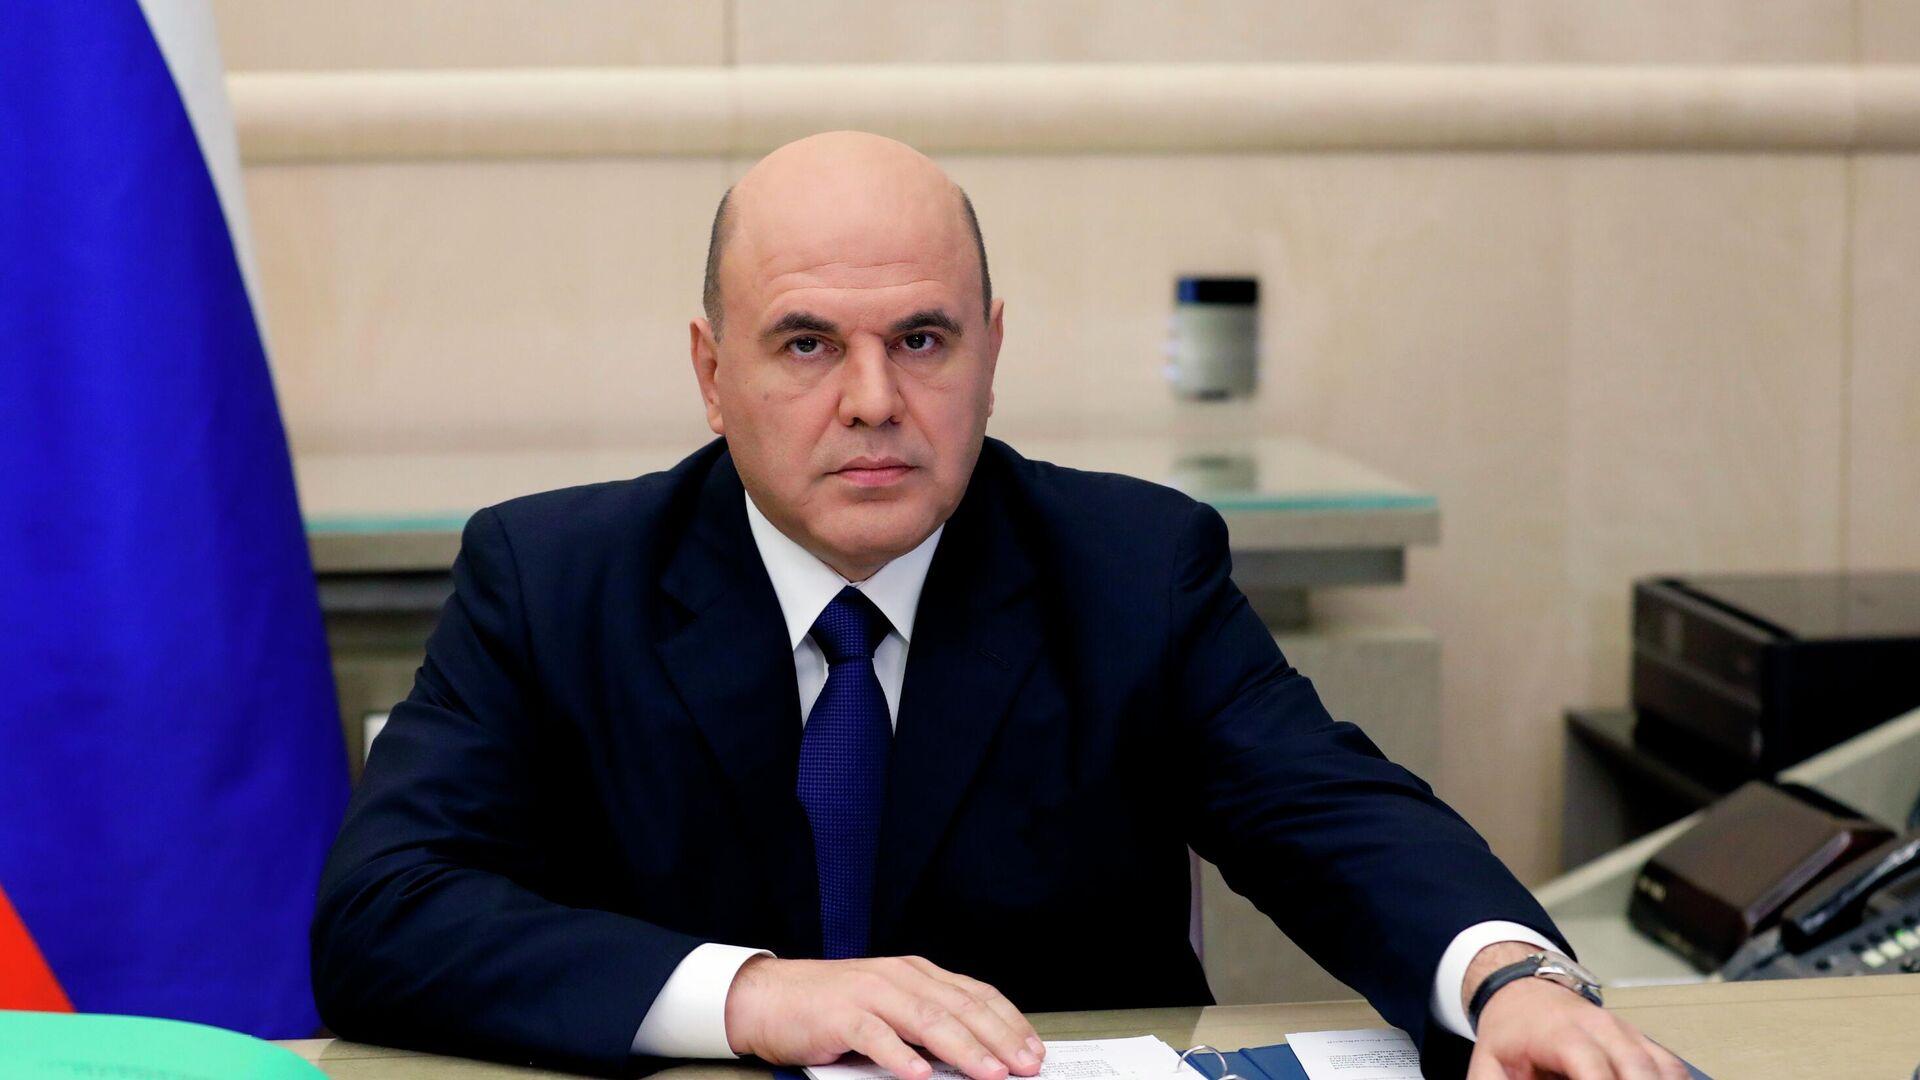 Председатель правительства РФ Михаил Мишустин - РИА Новости, 1920, 09.11.2020